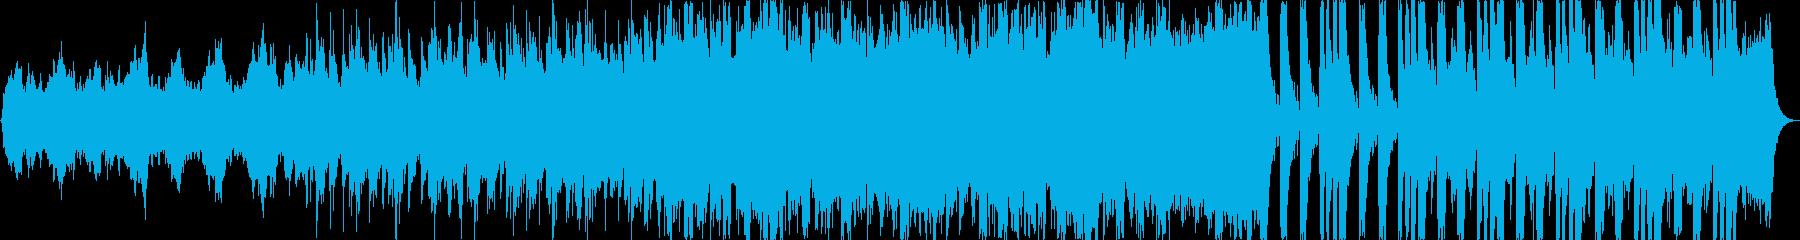 勇ましい曲の再生済みの波形